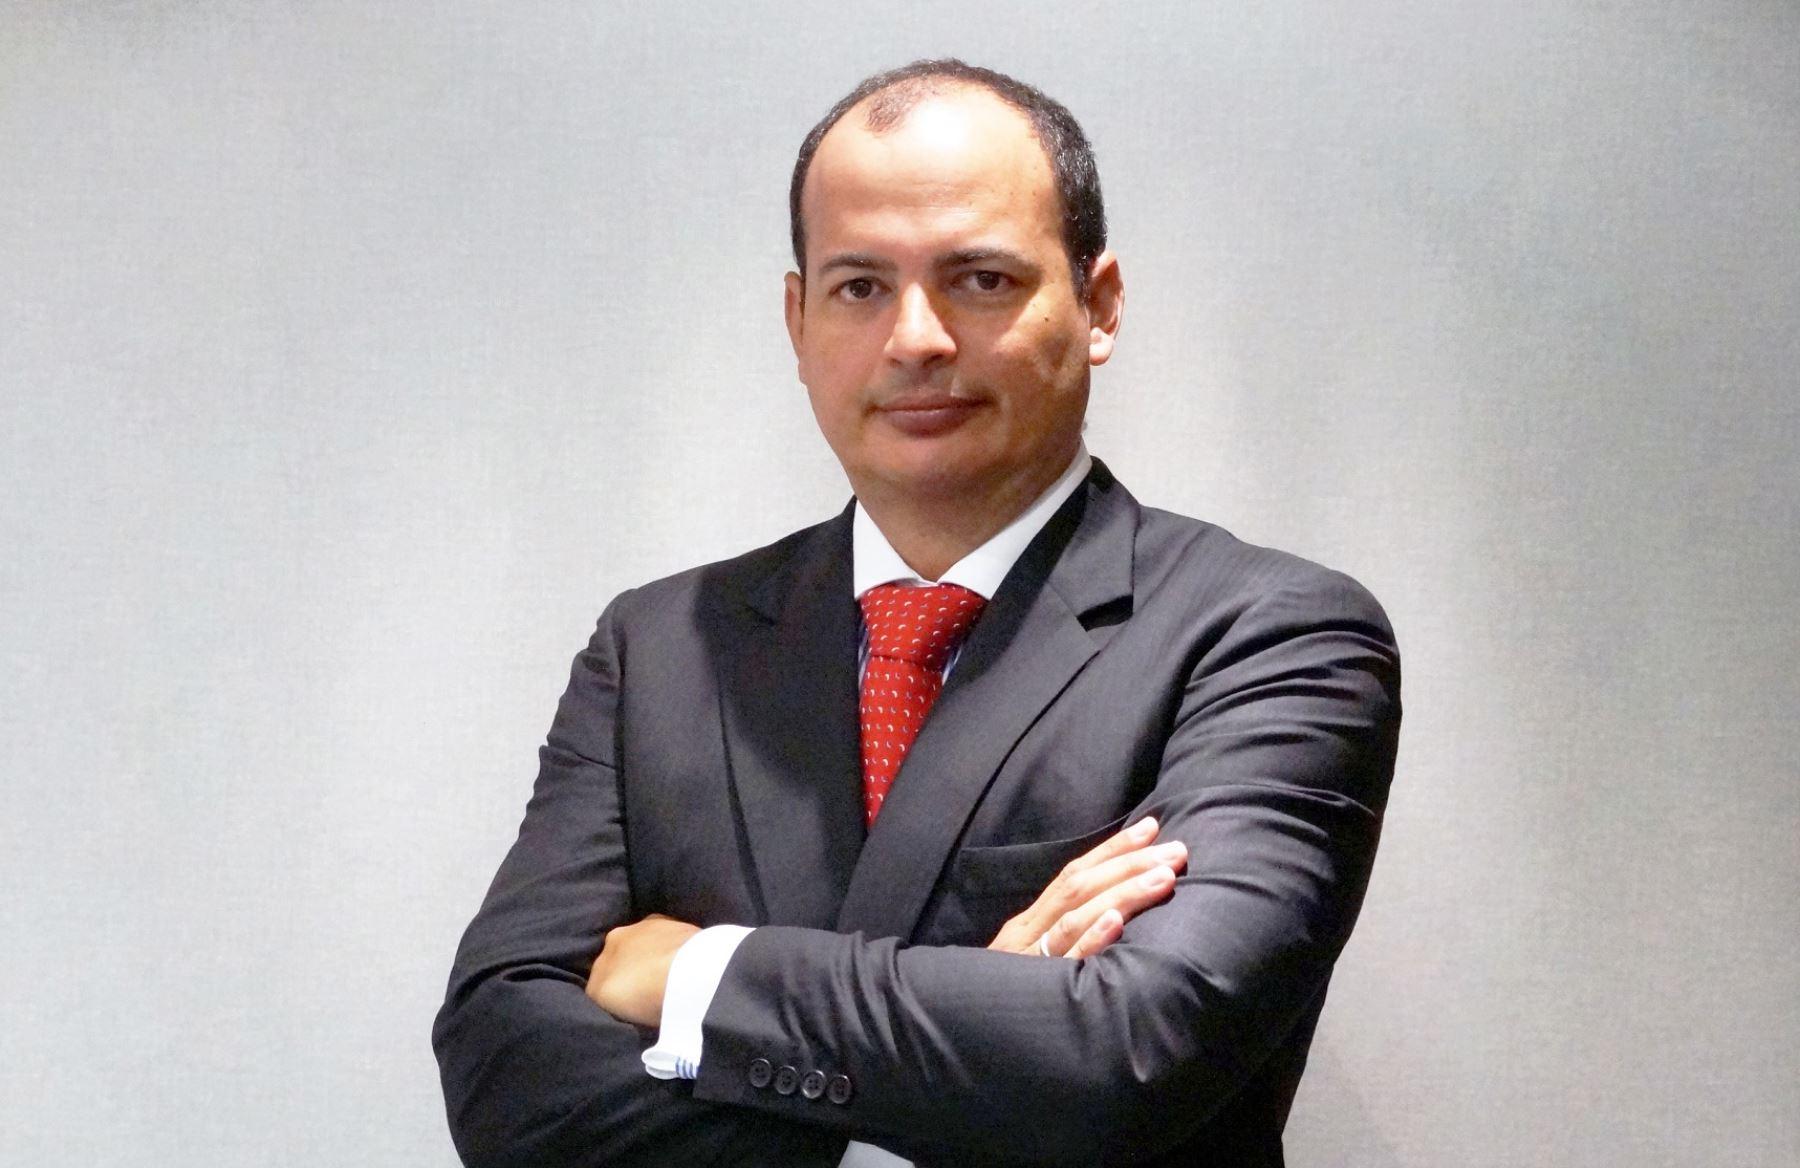 Gerente general de Credicorp Capital Fondos, Arturo Morán. Foto: Cortesía.